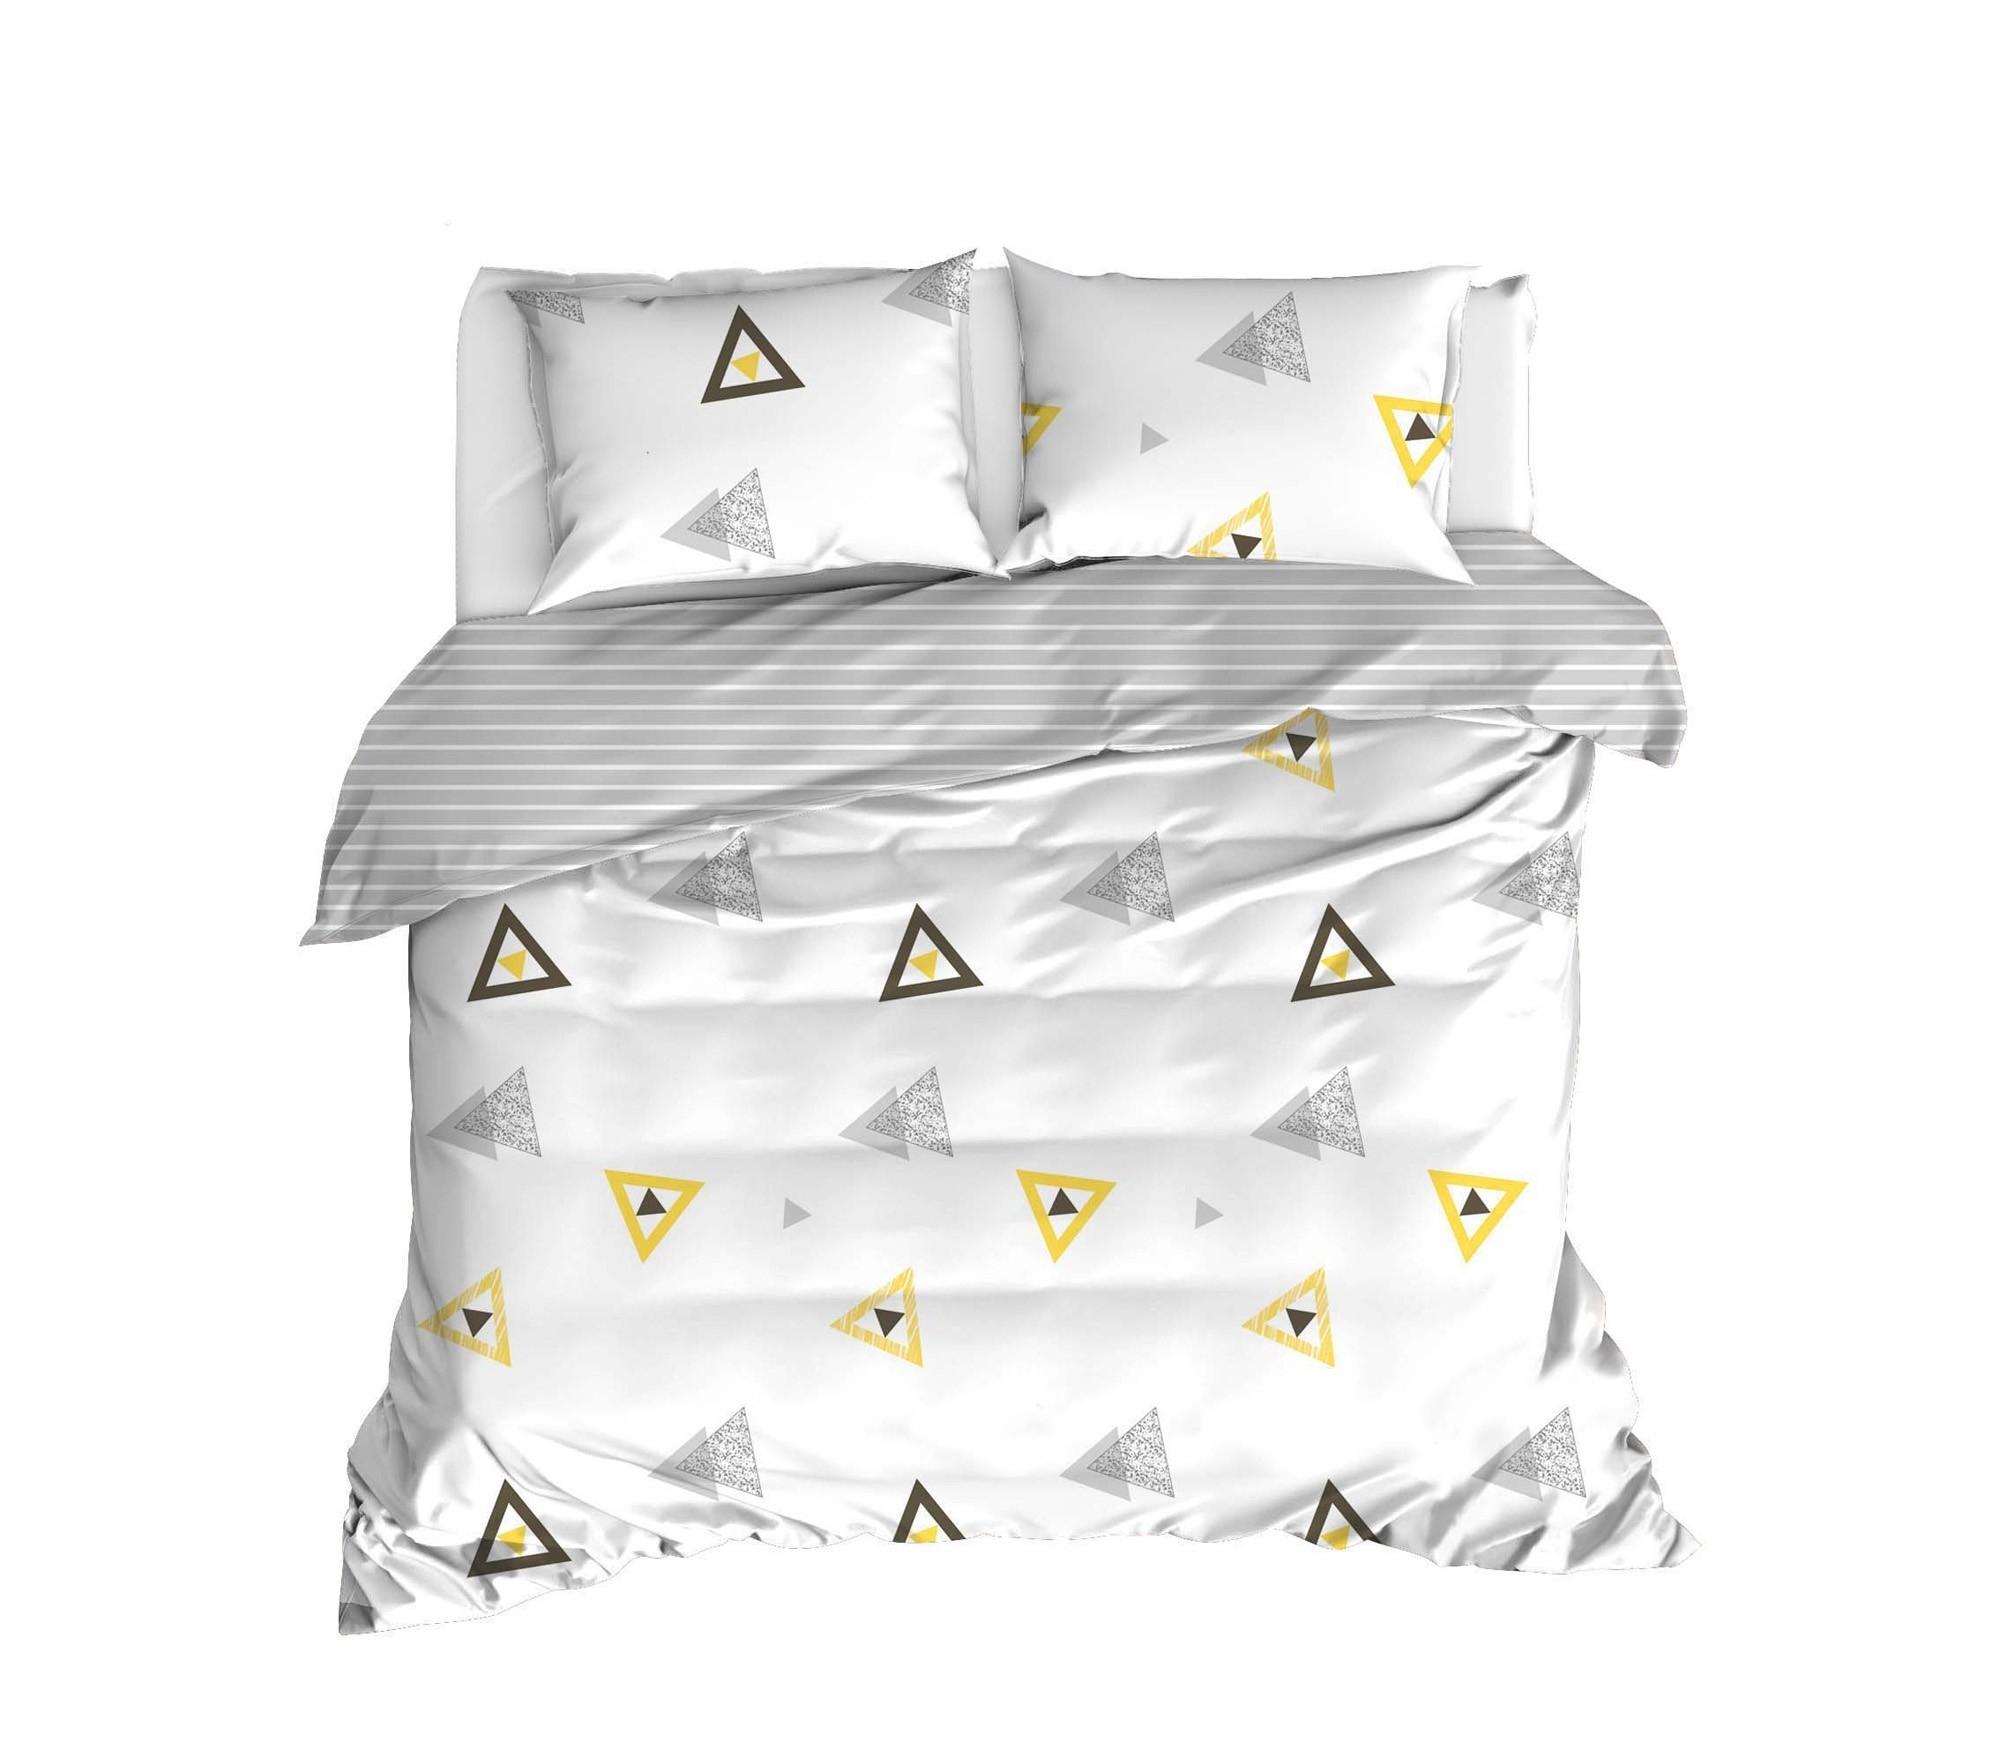 Lenjerie de pat din bumbac Ranforce Erois Alb / Gri, 200 x 220 cm imagine